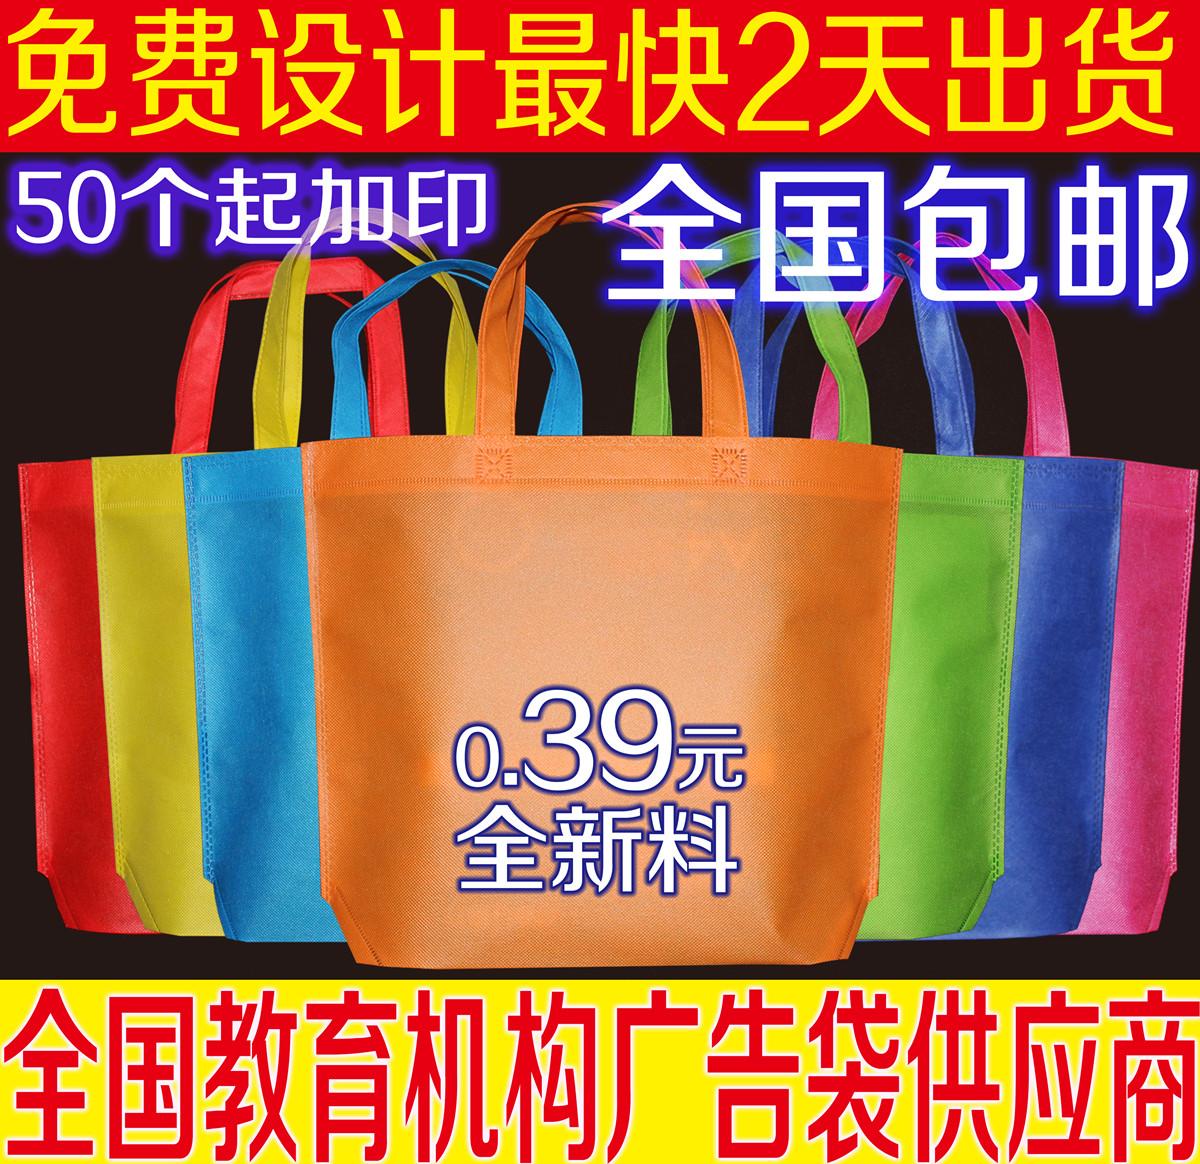 Без Текстильная сумка пользовательских экологических поощрения сумка сумка для покупок может быть напечатана логотип ускоренной рекламы